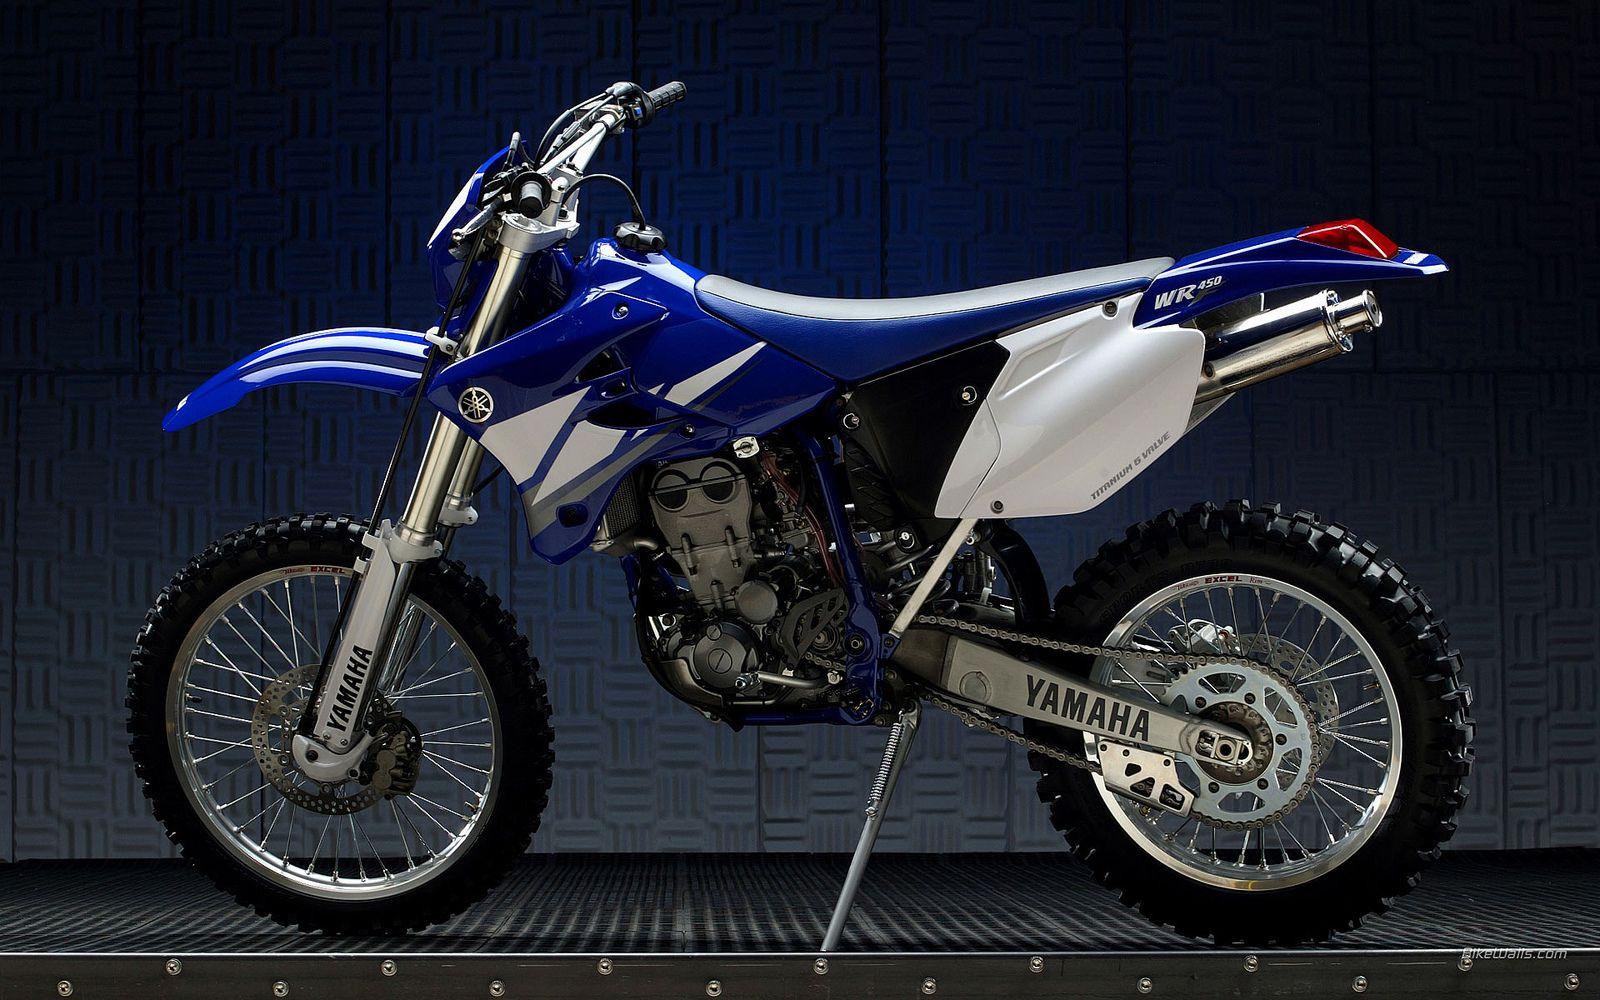 2003 Yamaha Wr450f Motorcycle Supermoto Yamaha